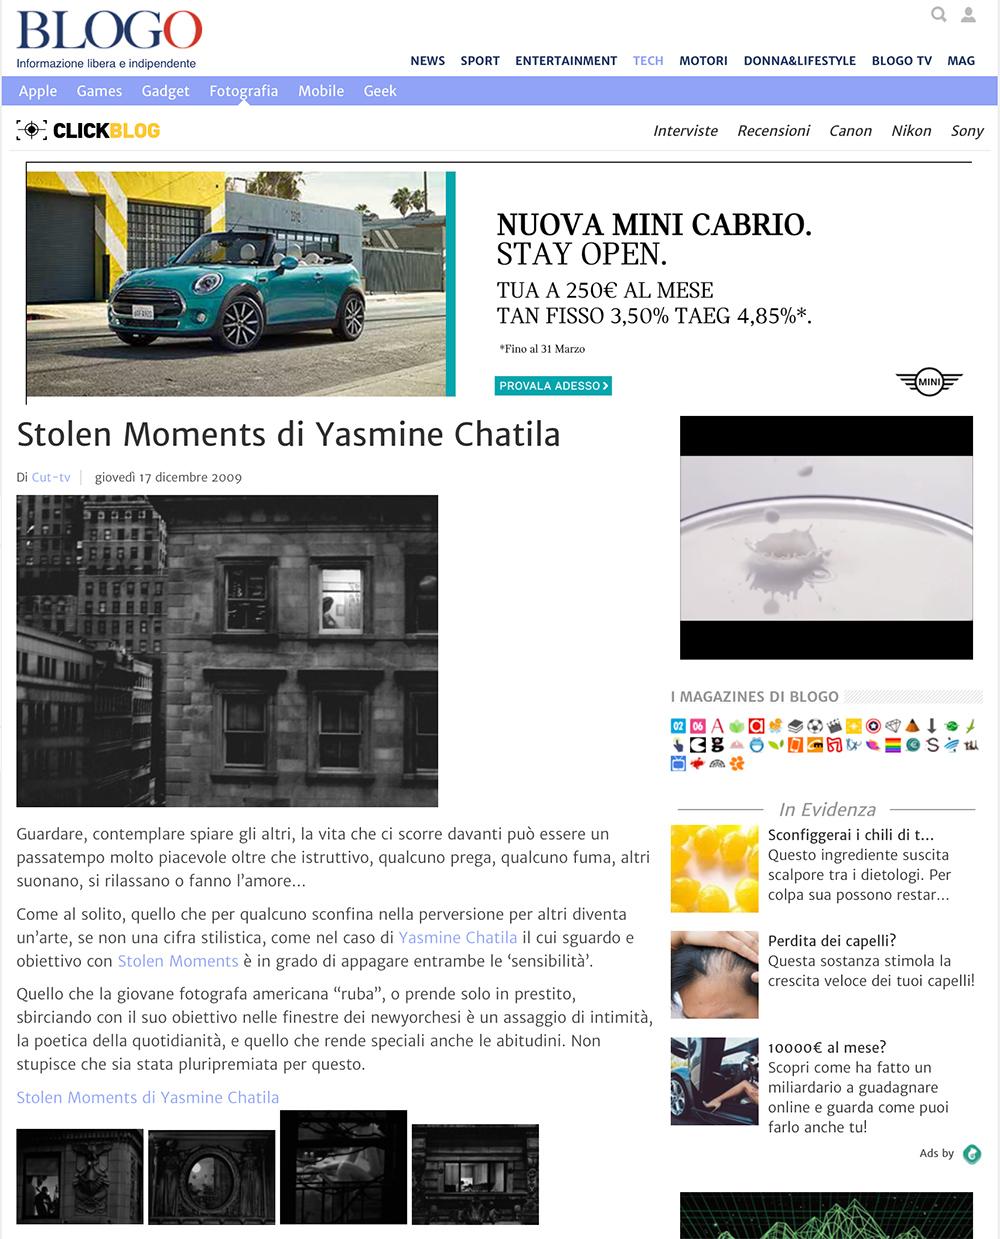 blogo-italy-dec-2009.jpg